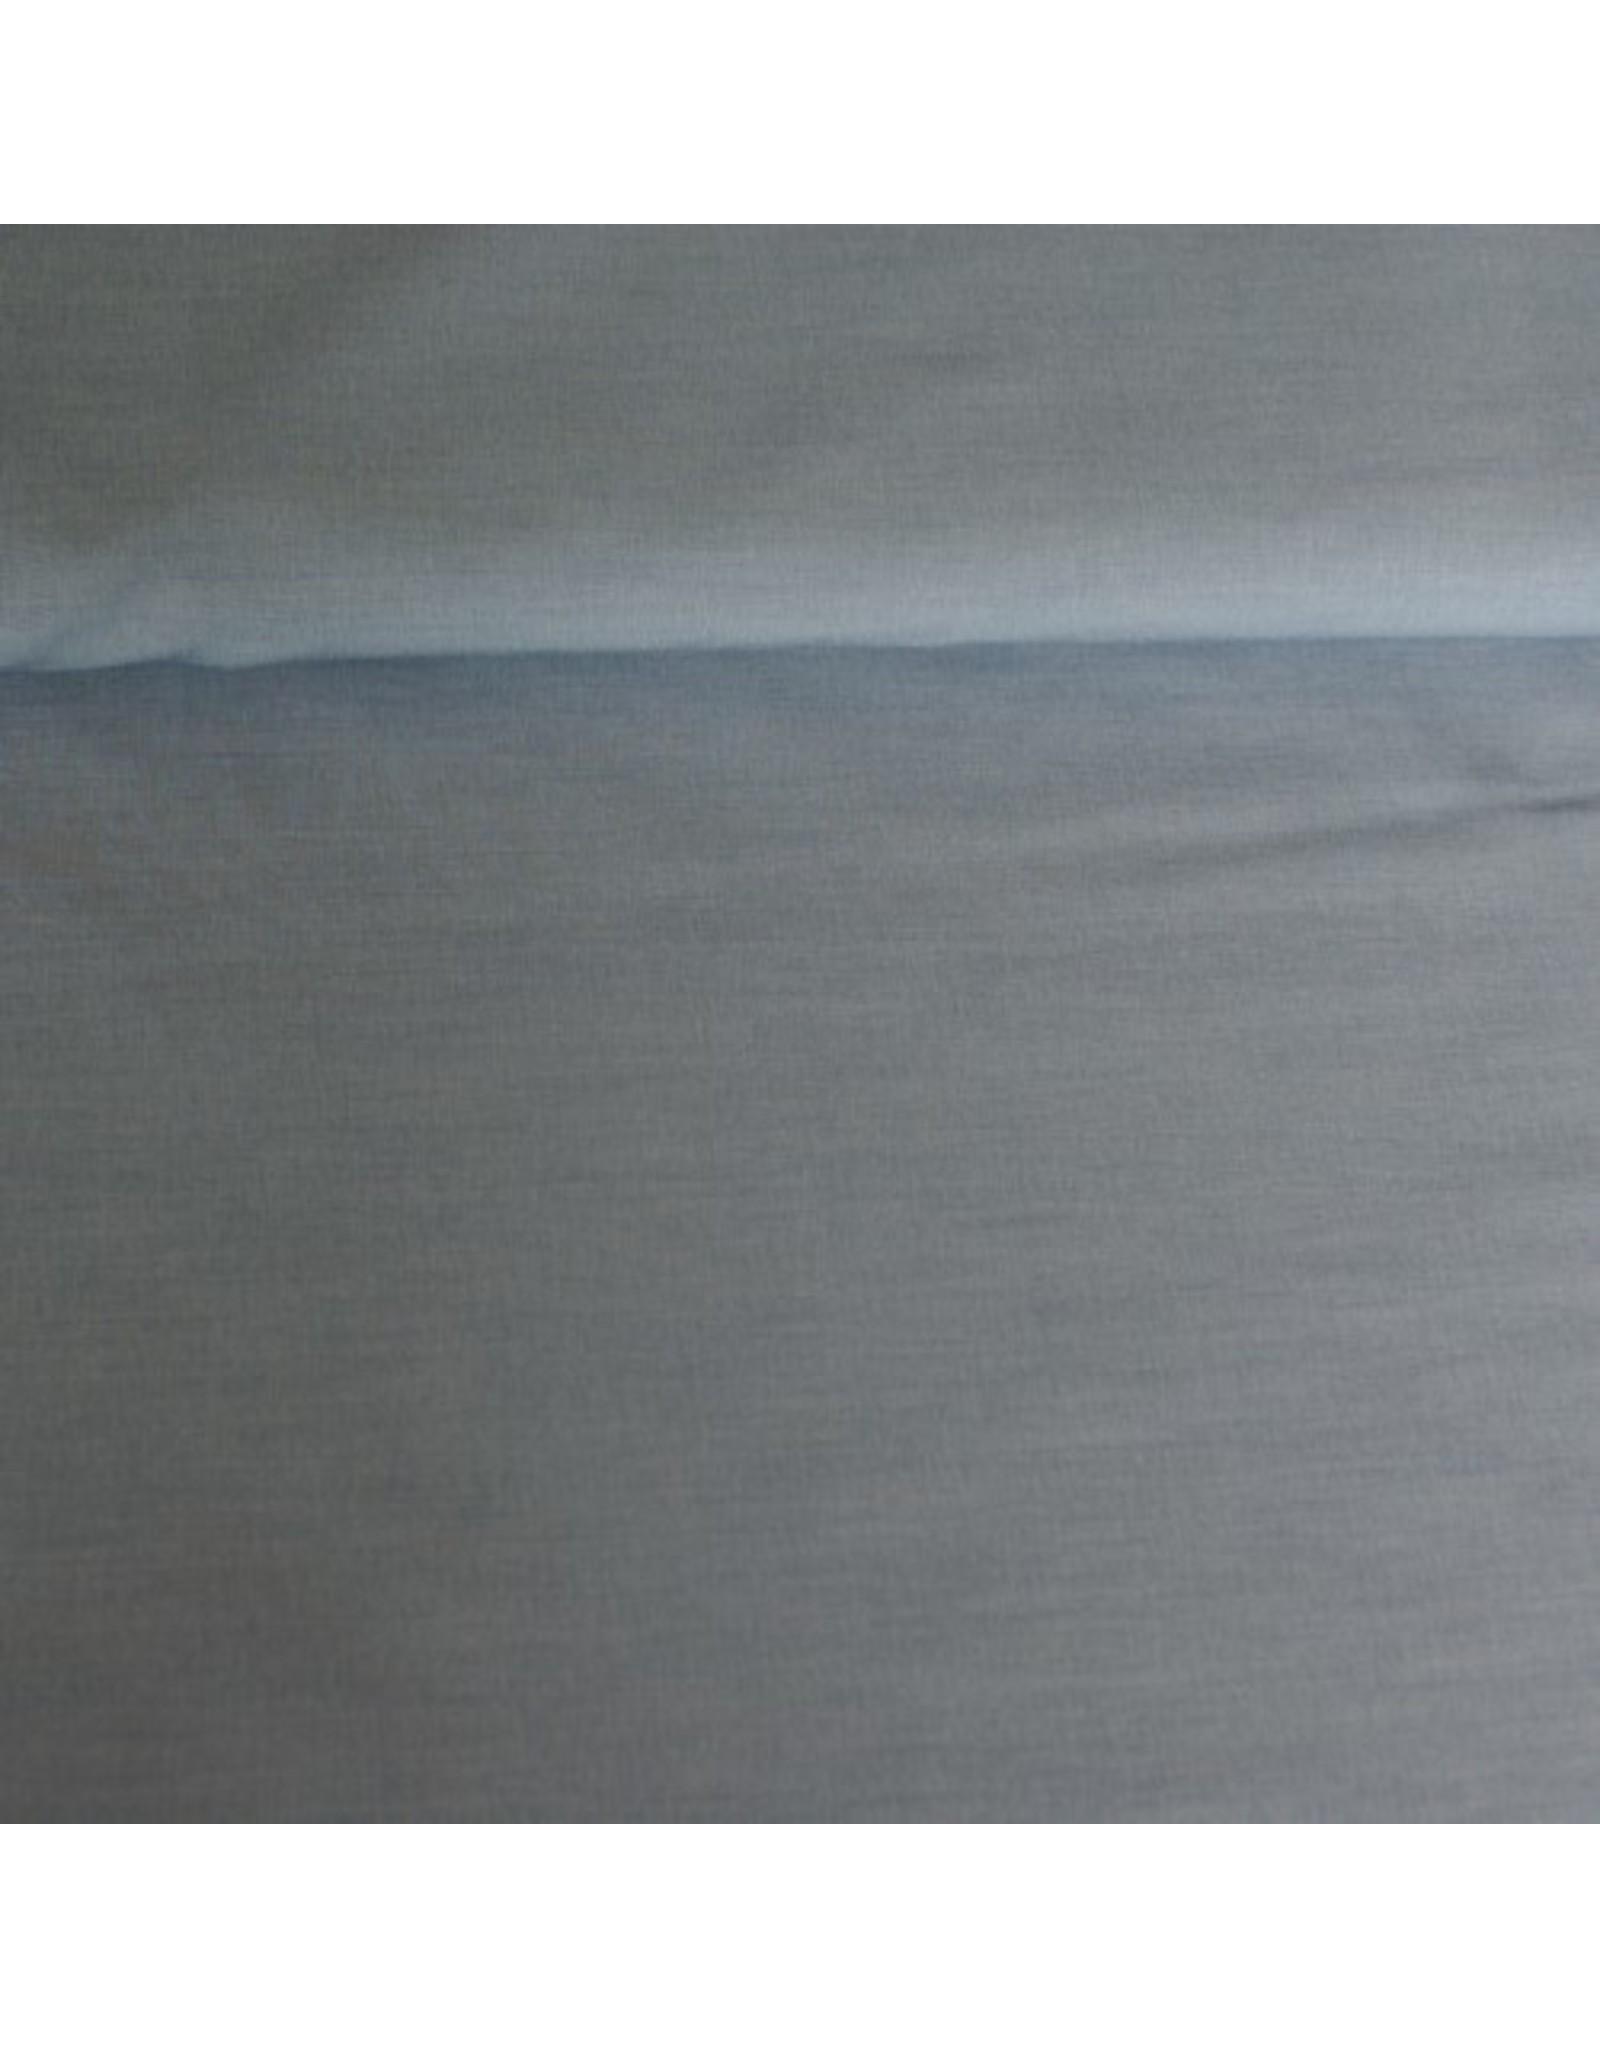 Stik-Stof Jeans kleurige katoen ( met beetje elasticiteit)